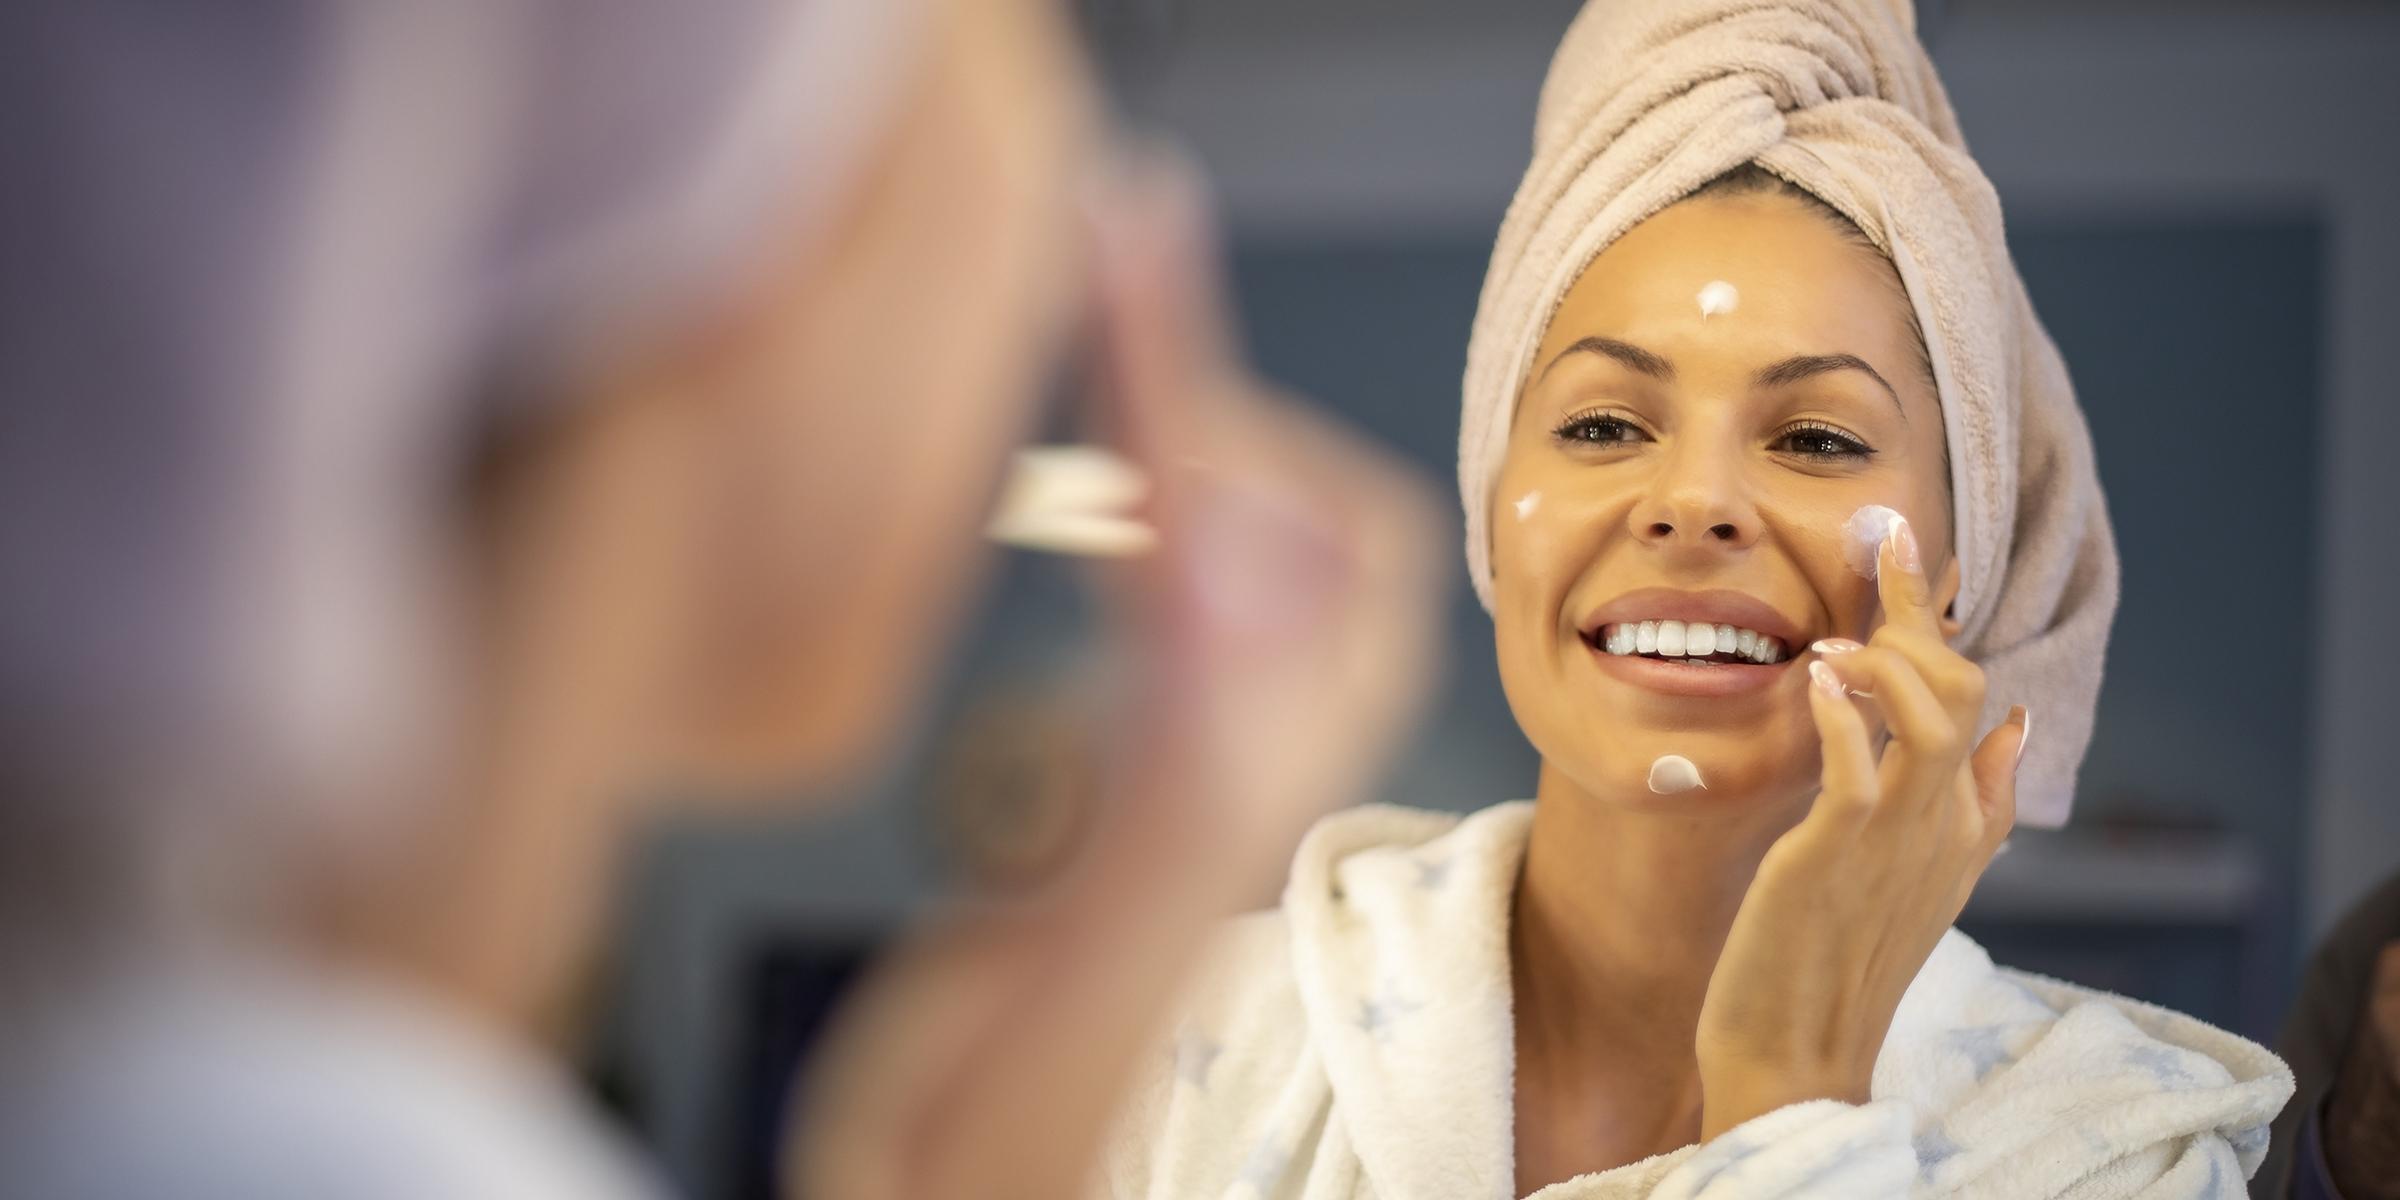 11 best face masks of 2020